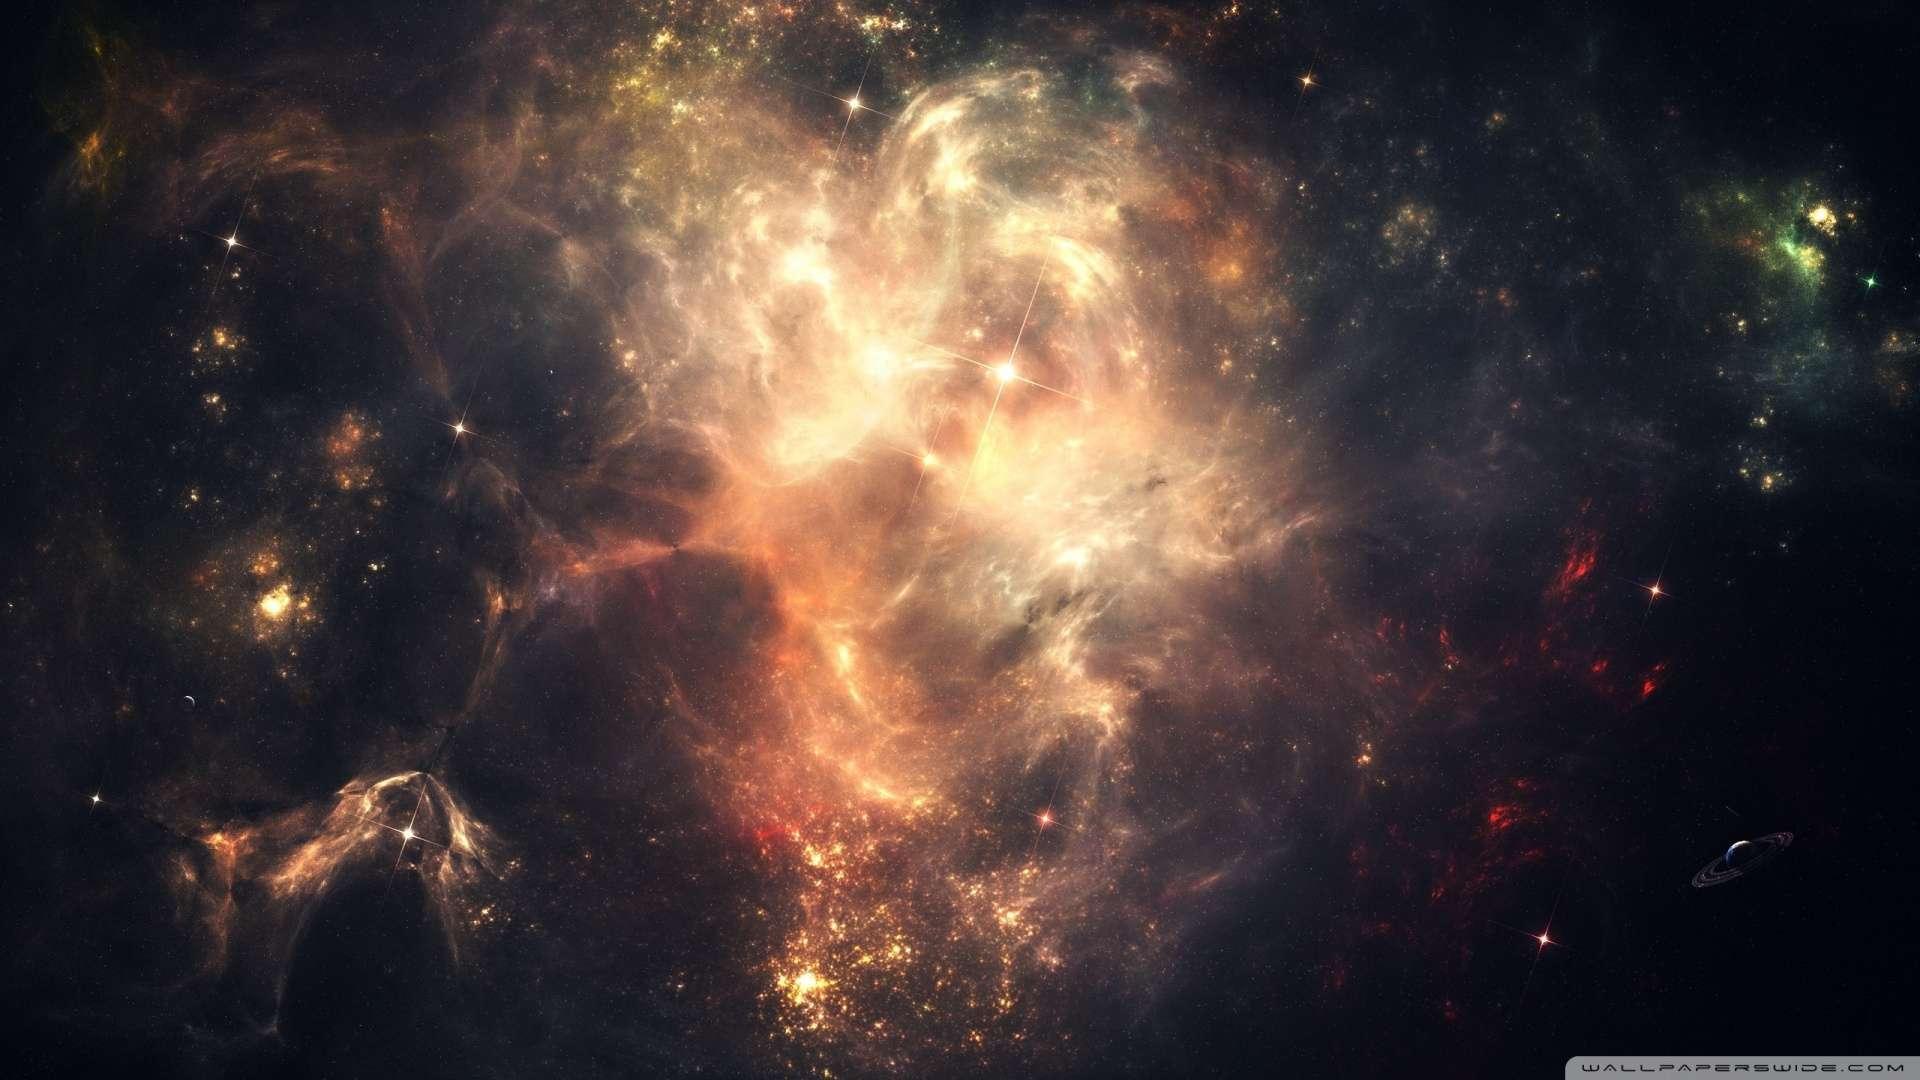 1080p space wallpaper wallpapersafari - 1080p nebula wallpaper ...